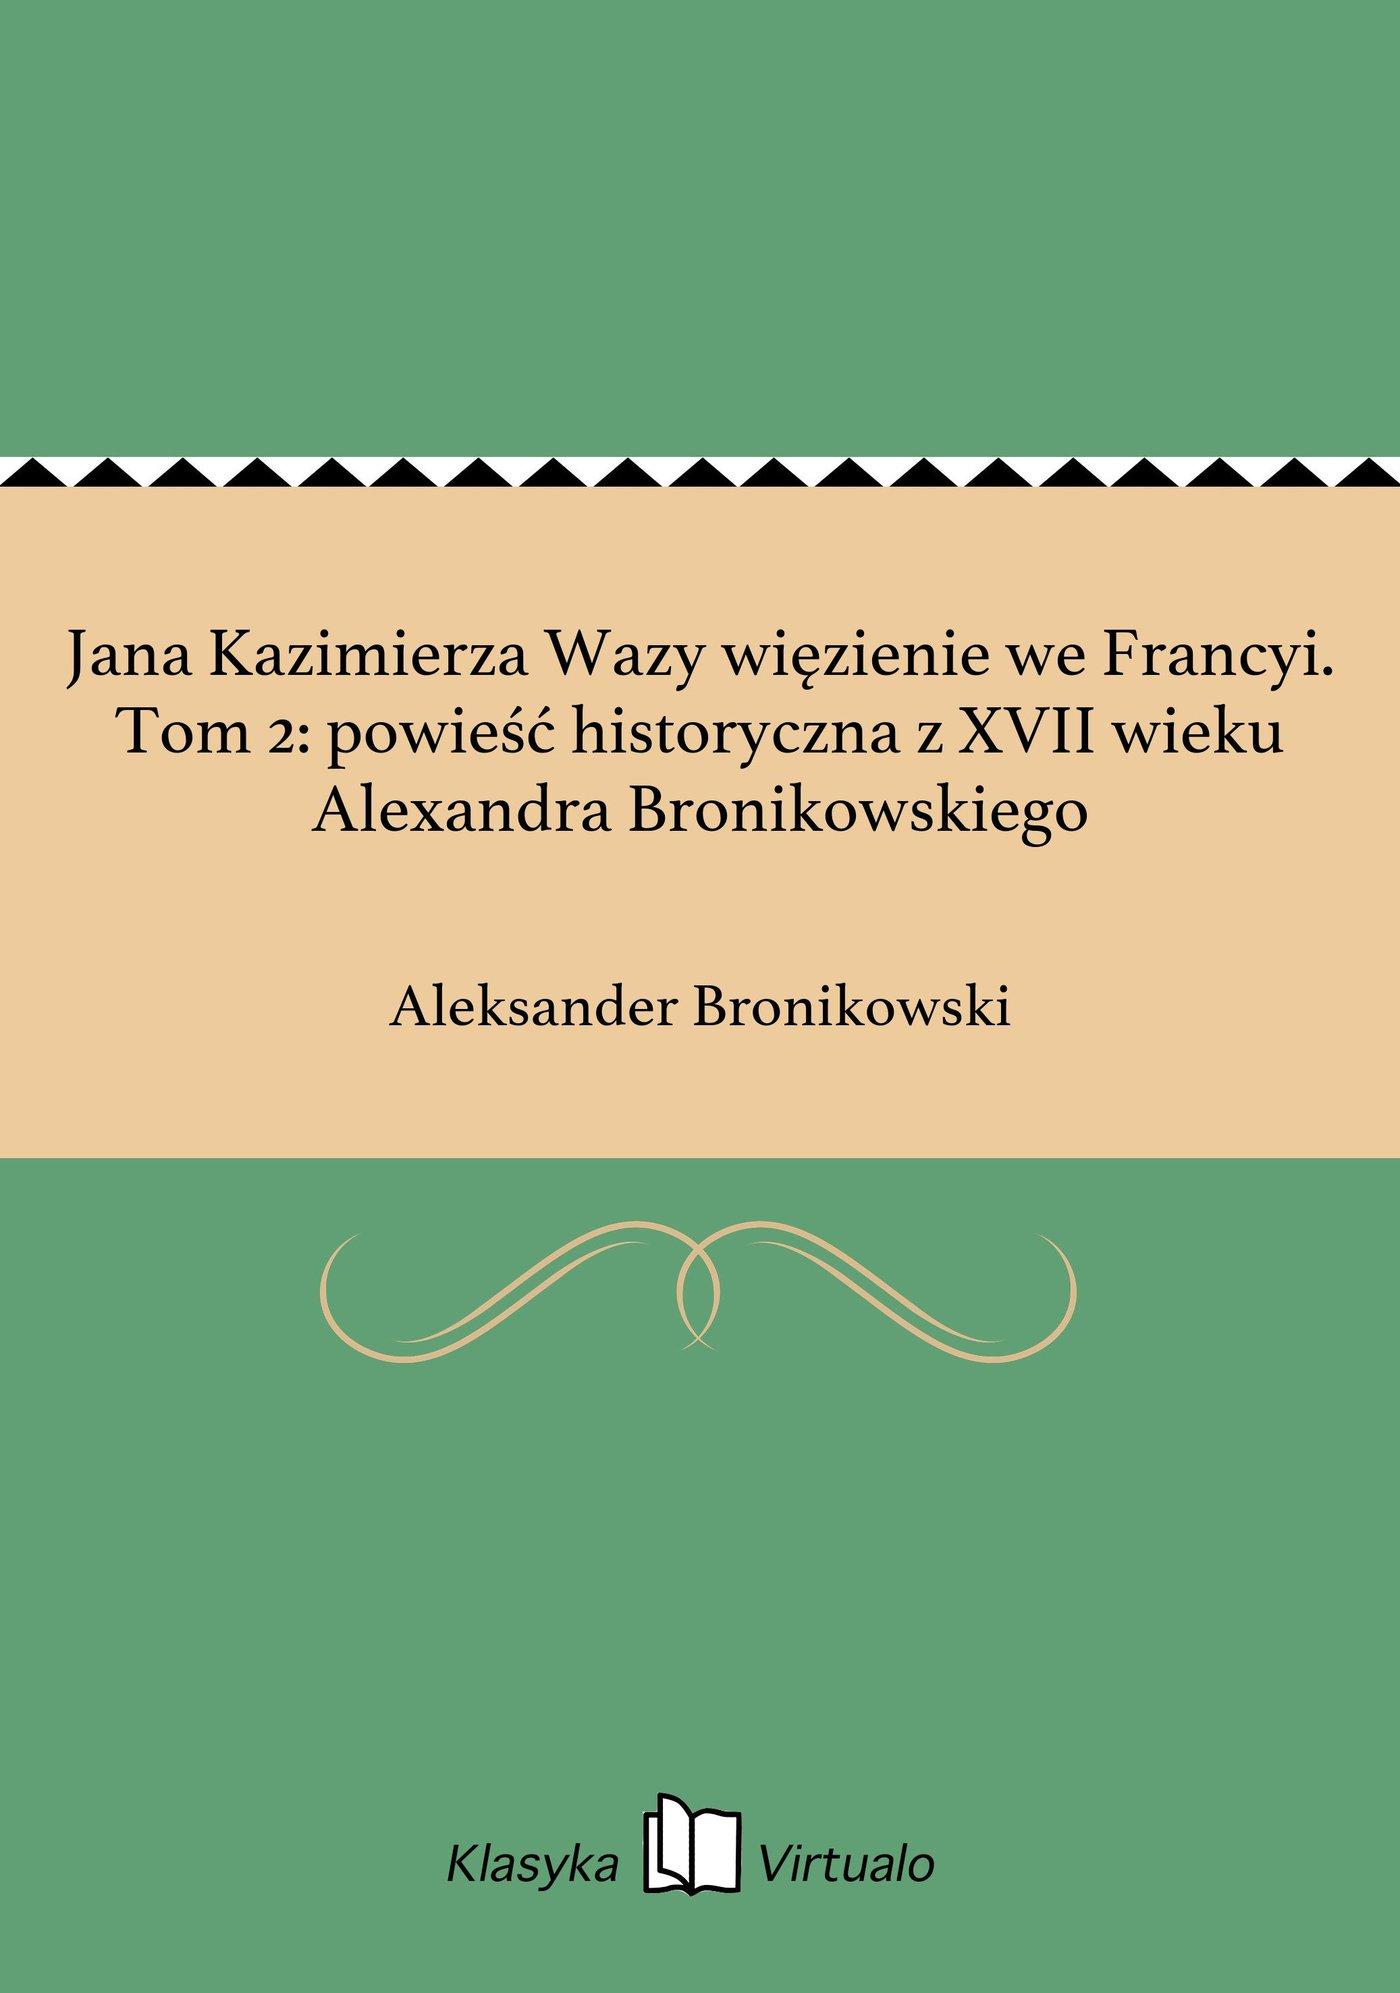 Jana Kazimierza Wazy więzienie we Francyi. Tom 2: powieść historyczna z XVII wieku Alexandra Bronikowskiego - Ebook (Książka na Kindle) do pobrania w formacie MOBI